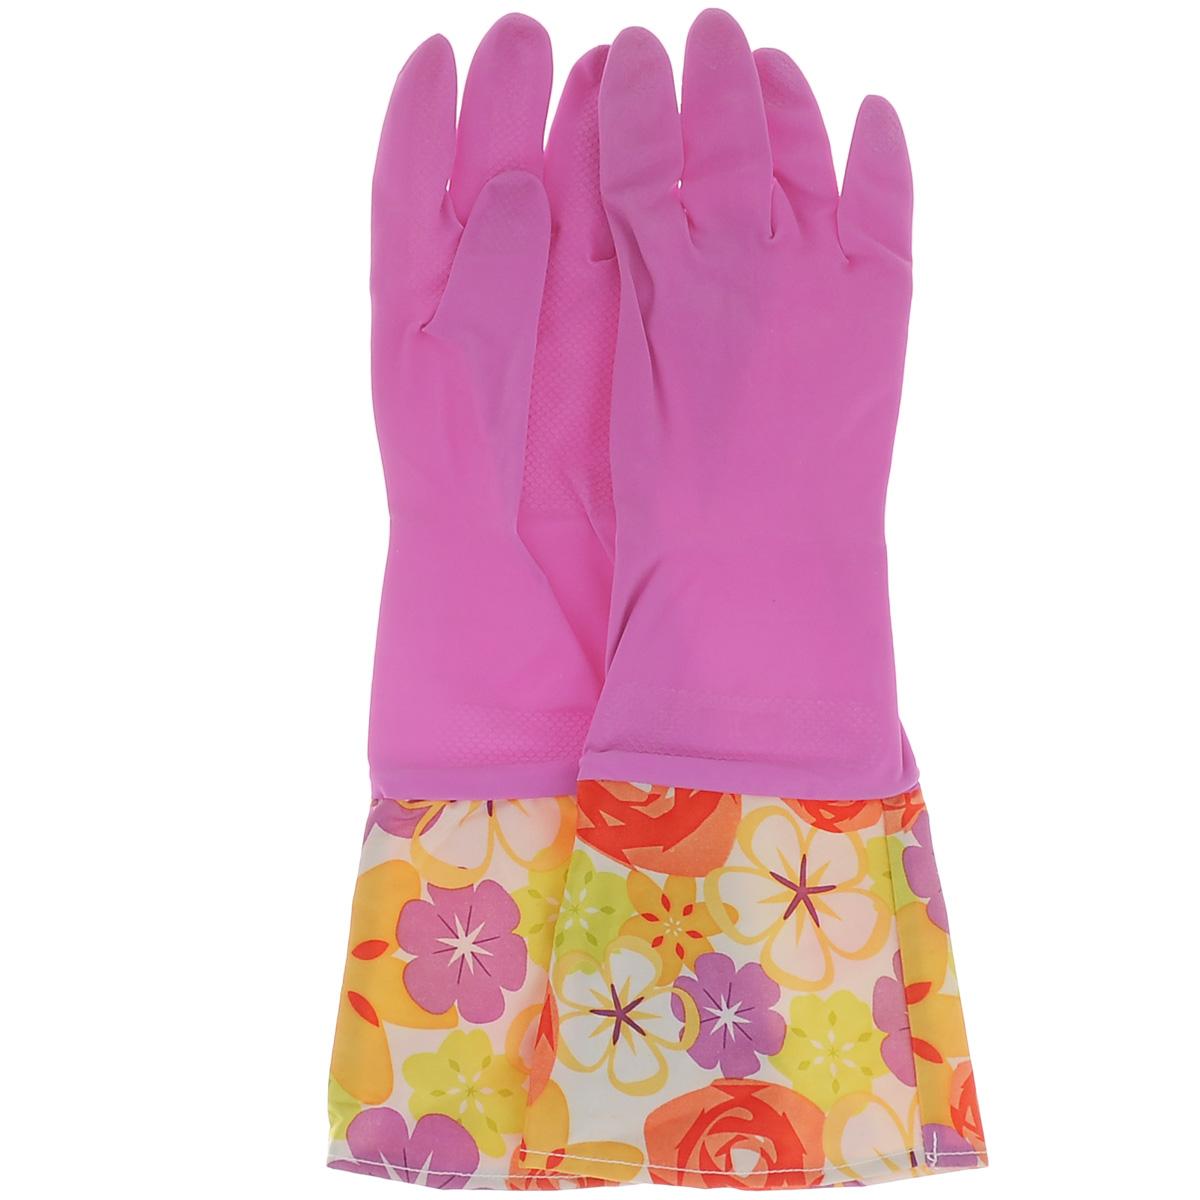 Перчатки хозяйственные Celesta, с удлиненными манжетами, цвет: розовый. Размер М5070Перчатки Celesta незаменимы при различных хозяйственных работах. Внутреннее хлопковое покрытие обеспечивает комфорт рукам и защищает от раздражений. Высокие манжеты препятствуют попаданию воды и грязи. Благодаря рифленой поверхности удобно удерживать мокрые предметы. Уважаемые клиенты! Обращаем ваше внимание на возможные цветовые варьирования в манжете. Поставка возможна в зависимости от наличия на складе.